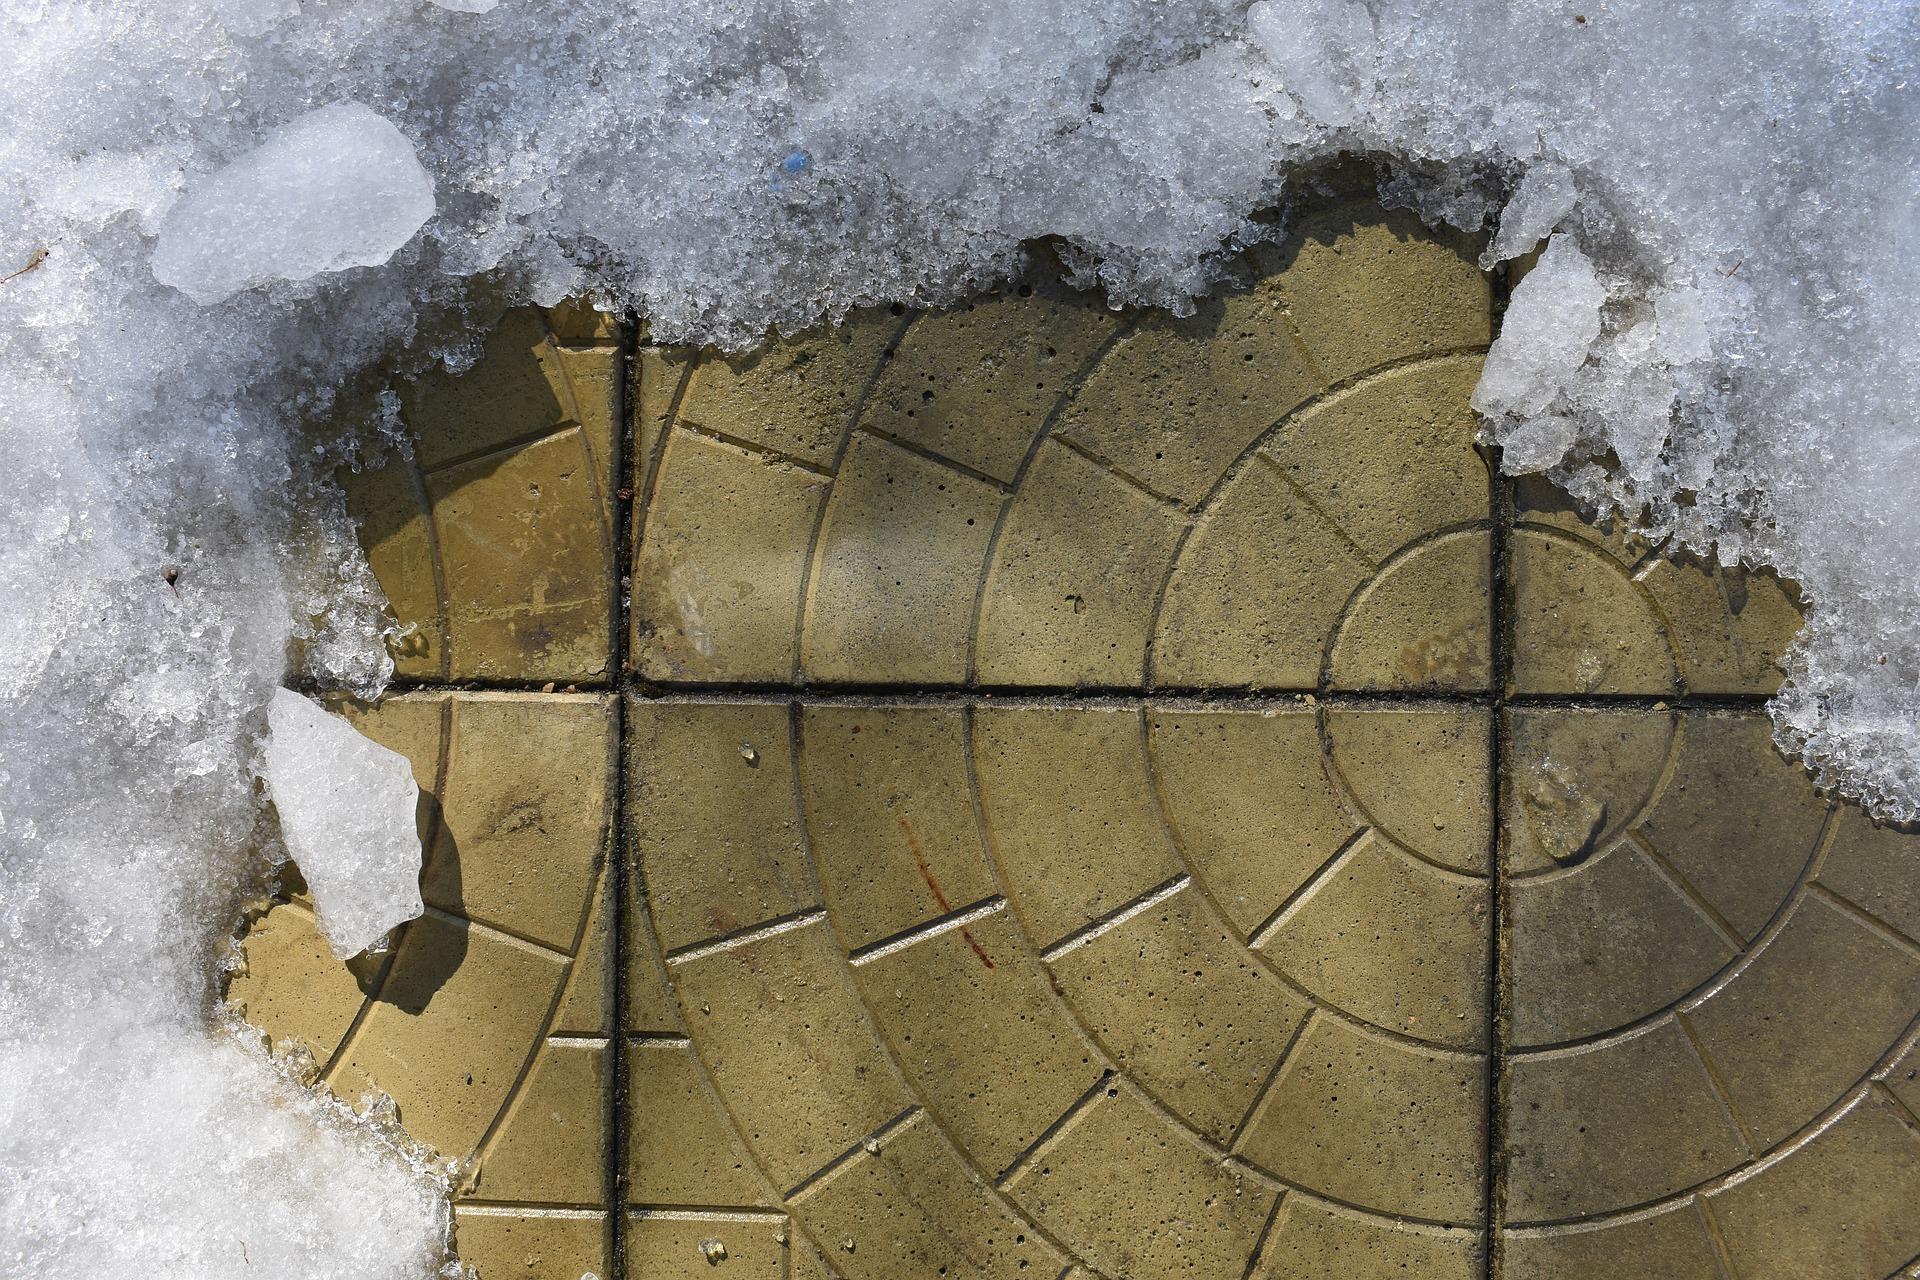 Станцию снеготаяния в Нижегородском районе запустят к концу 2021 года - фото 1